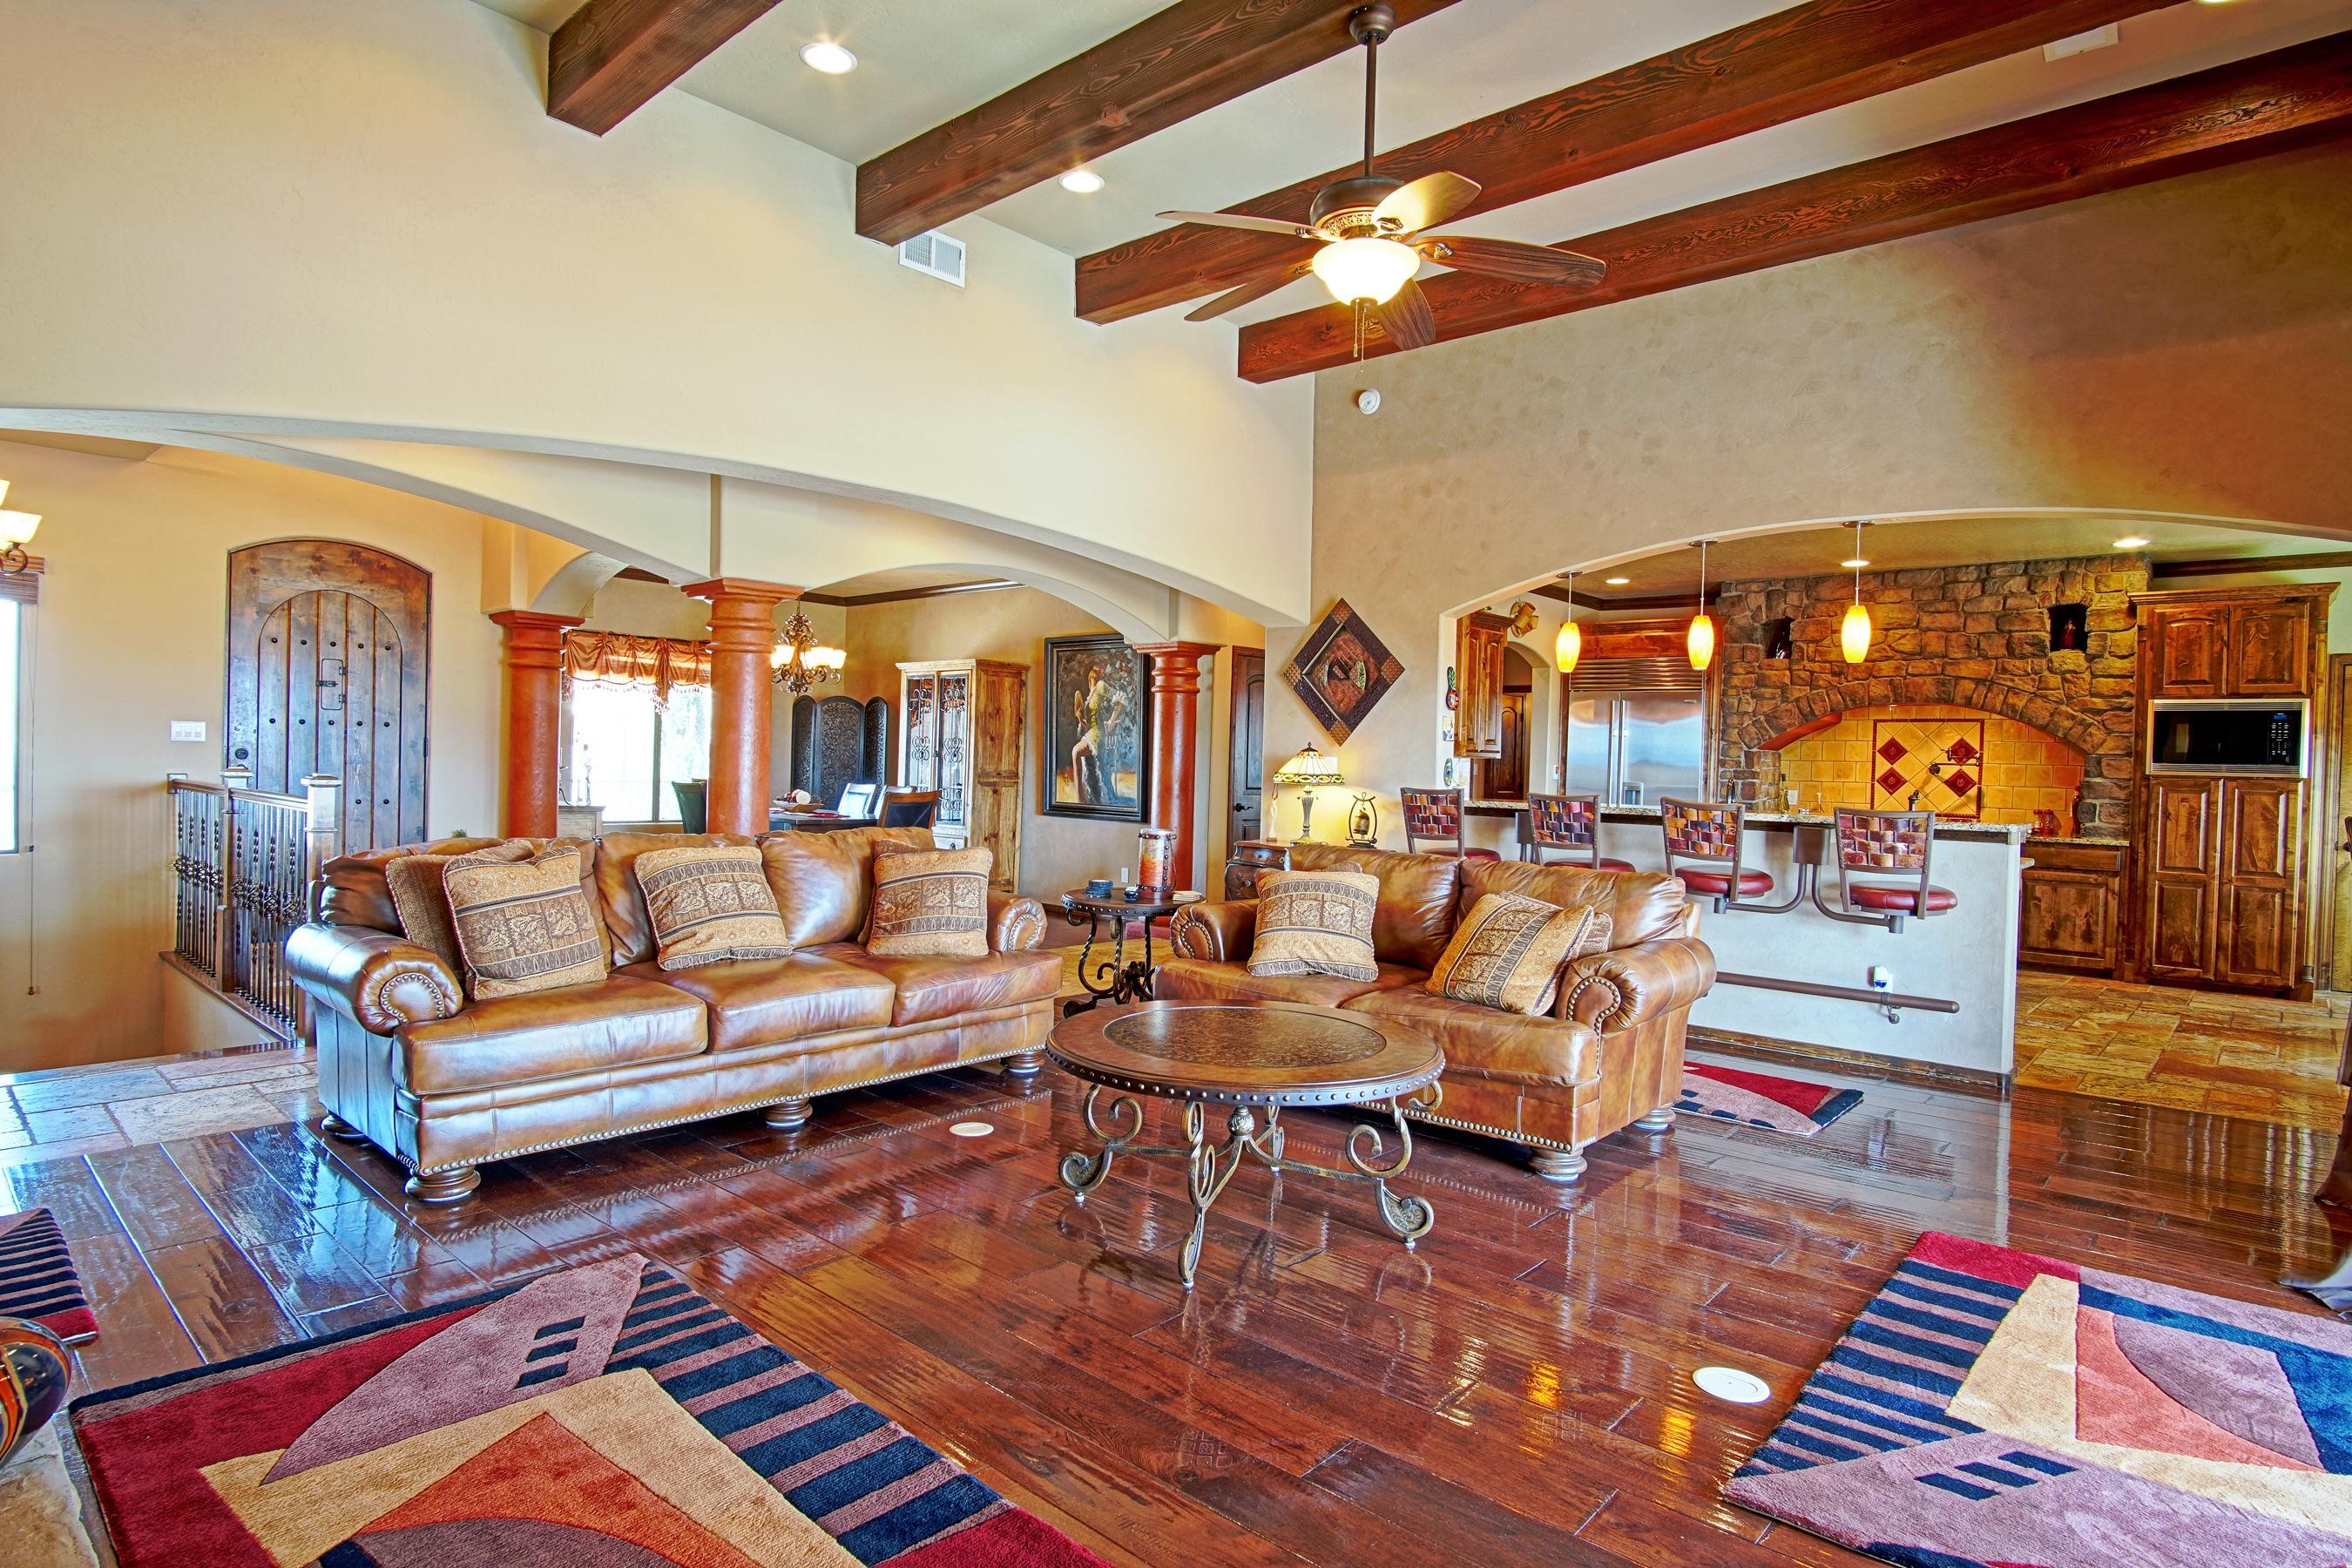 3436 Kafka Road NE, Rio Rancho, NM 87144 - Rio Rancho, NM real estate listing